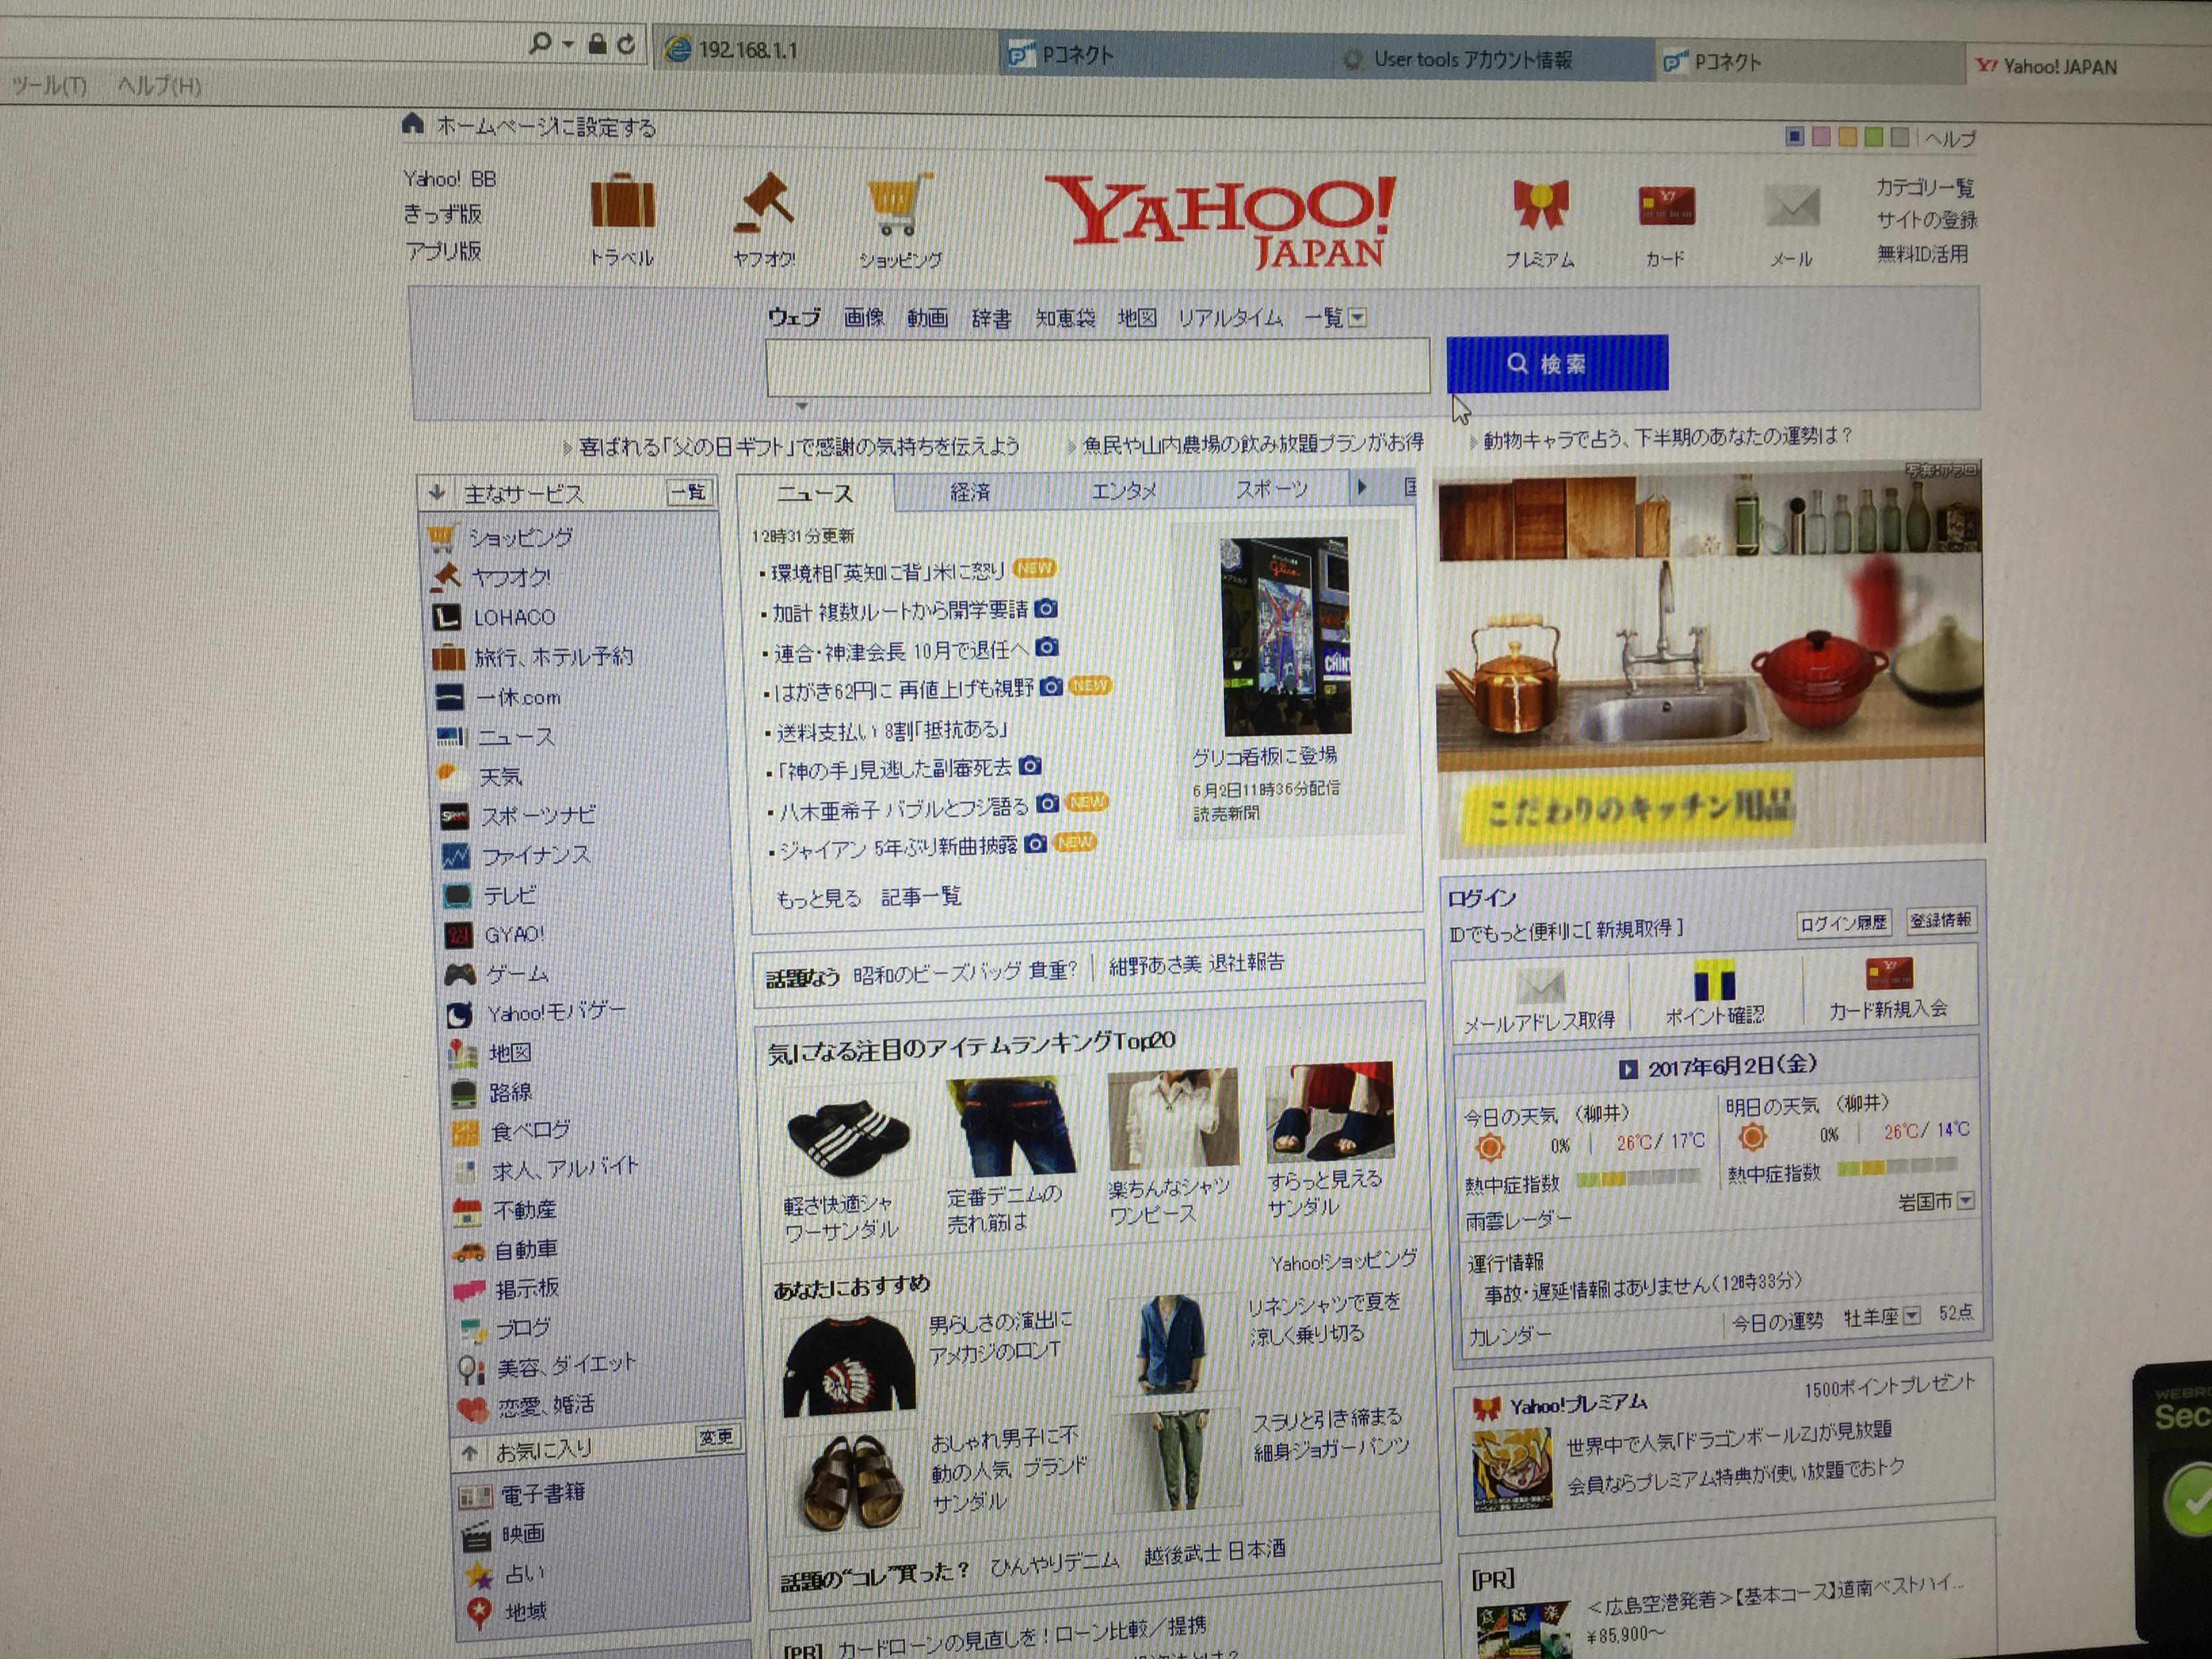 山口県岩国市 デスクトップパソコンのインターネット設定/富士通 Windows 10のイメージ